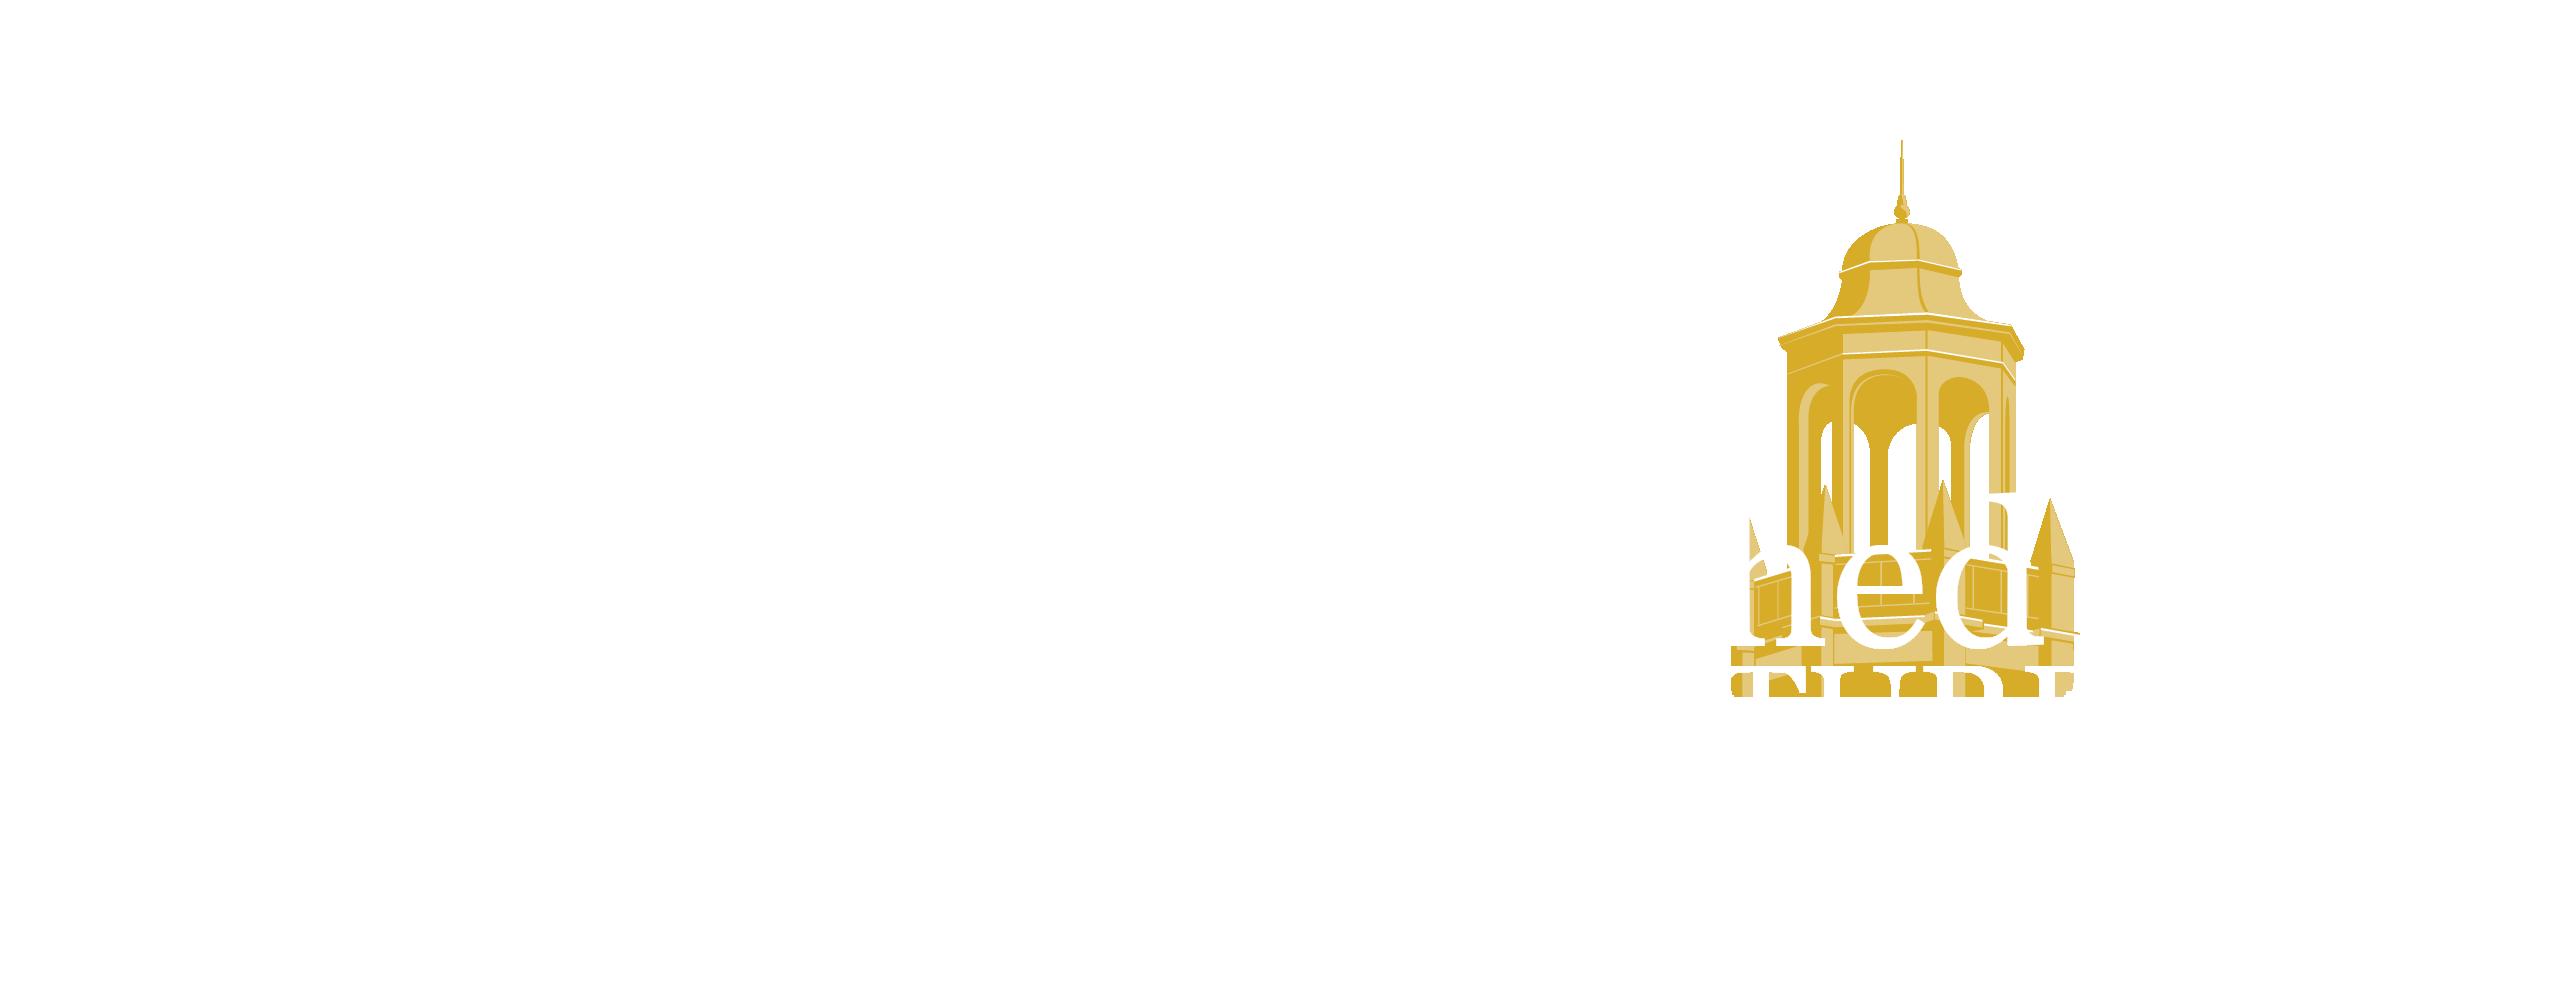 https://www.alasu.edu/sites/default/files/revslider/image/distinguishedlecture19_logo_0.png